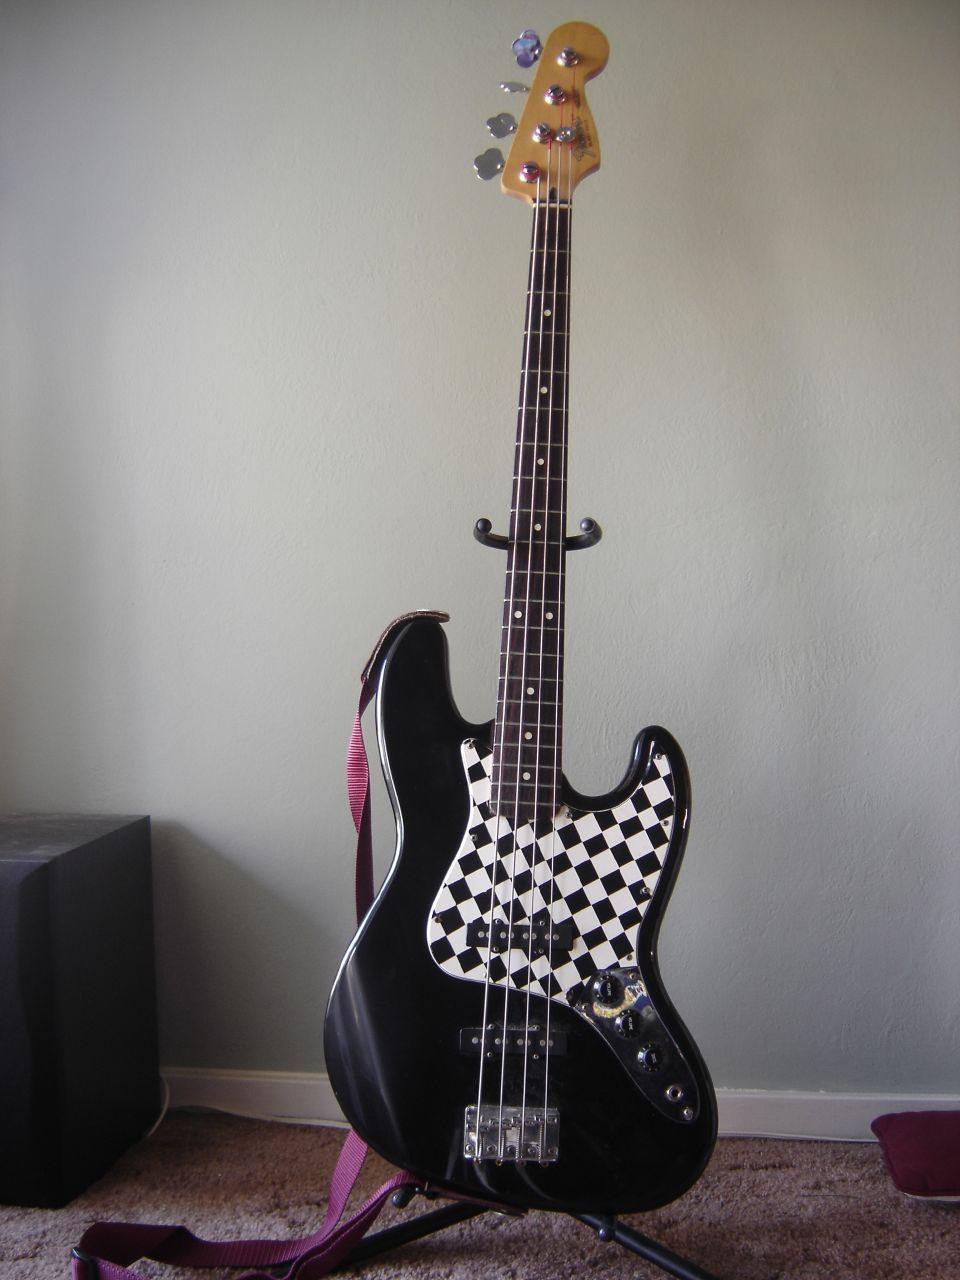 Fender Jazz Bass checkered pickguard